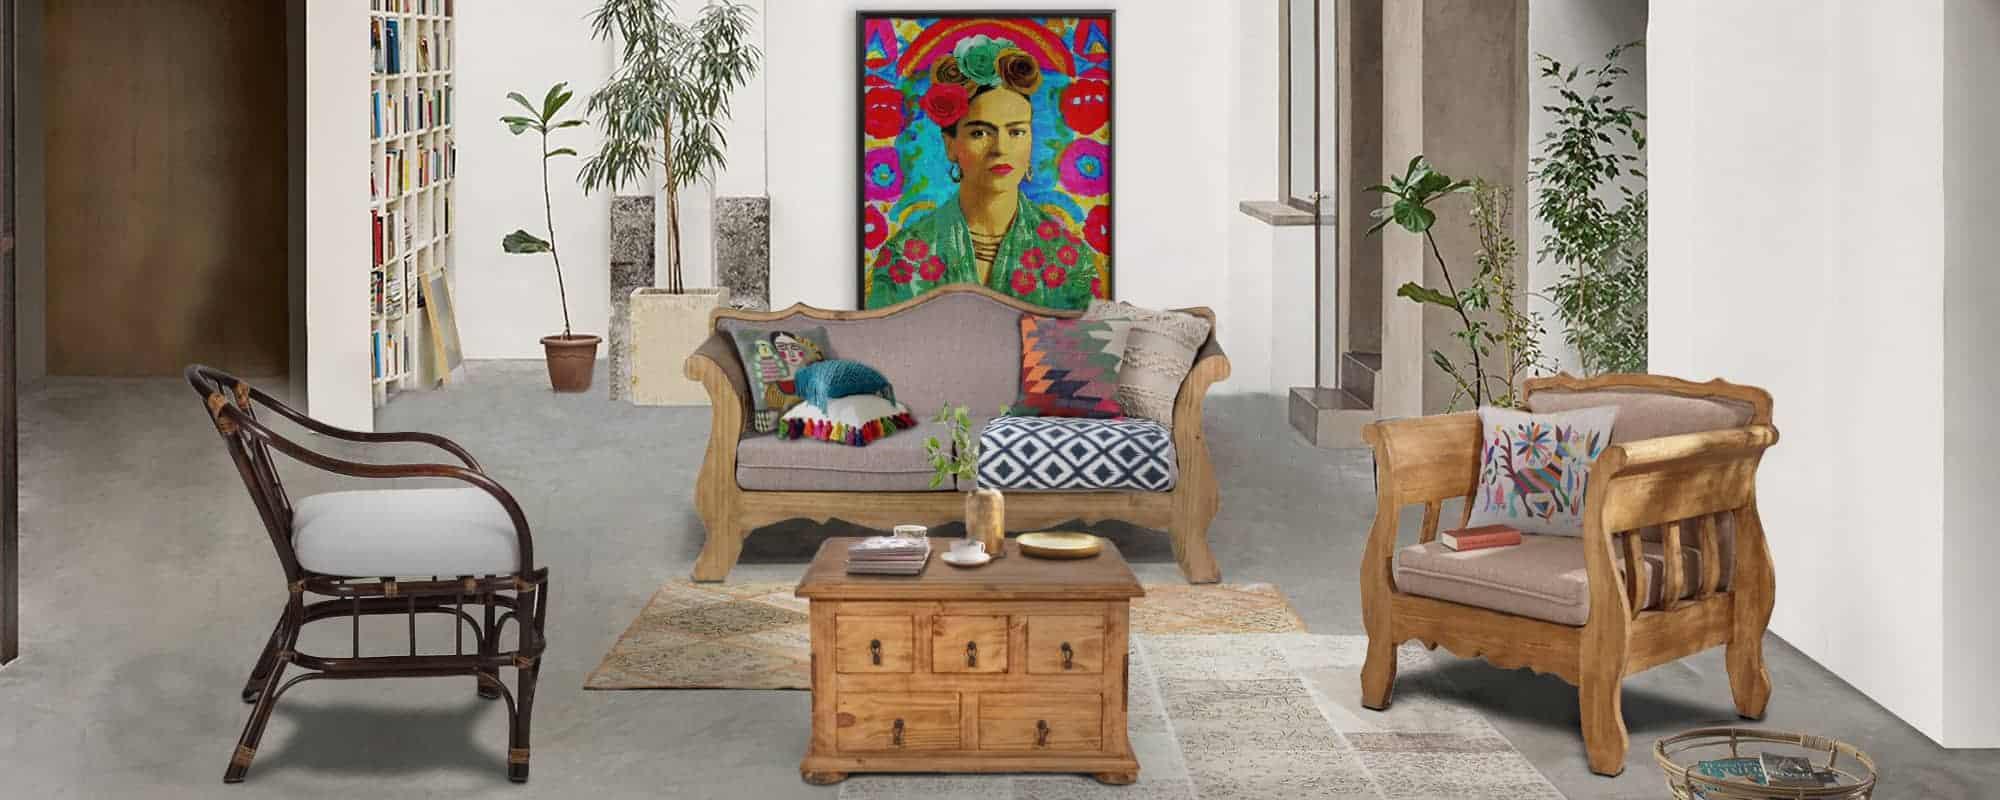 Mexico Möbel Günstig Online Kaufen Miamöbel